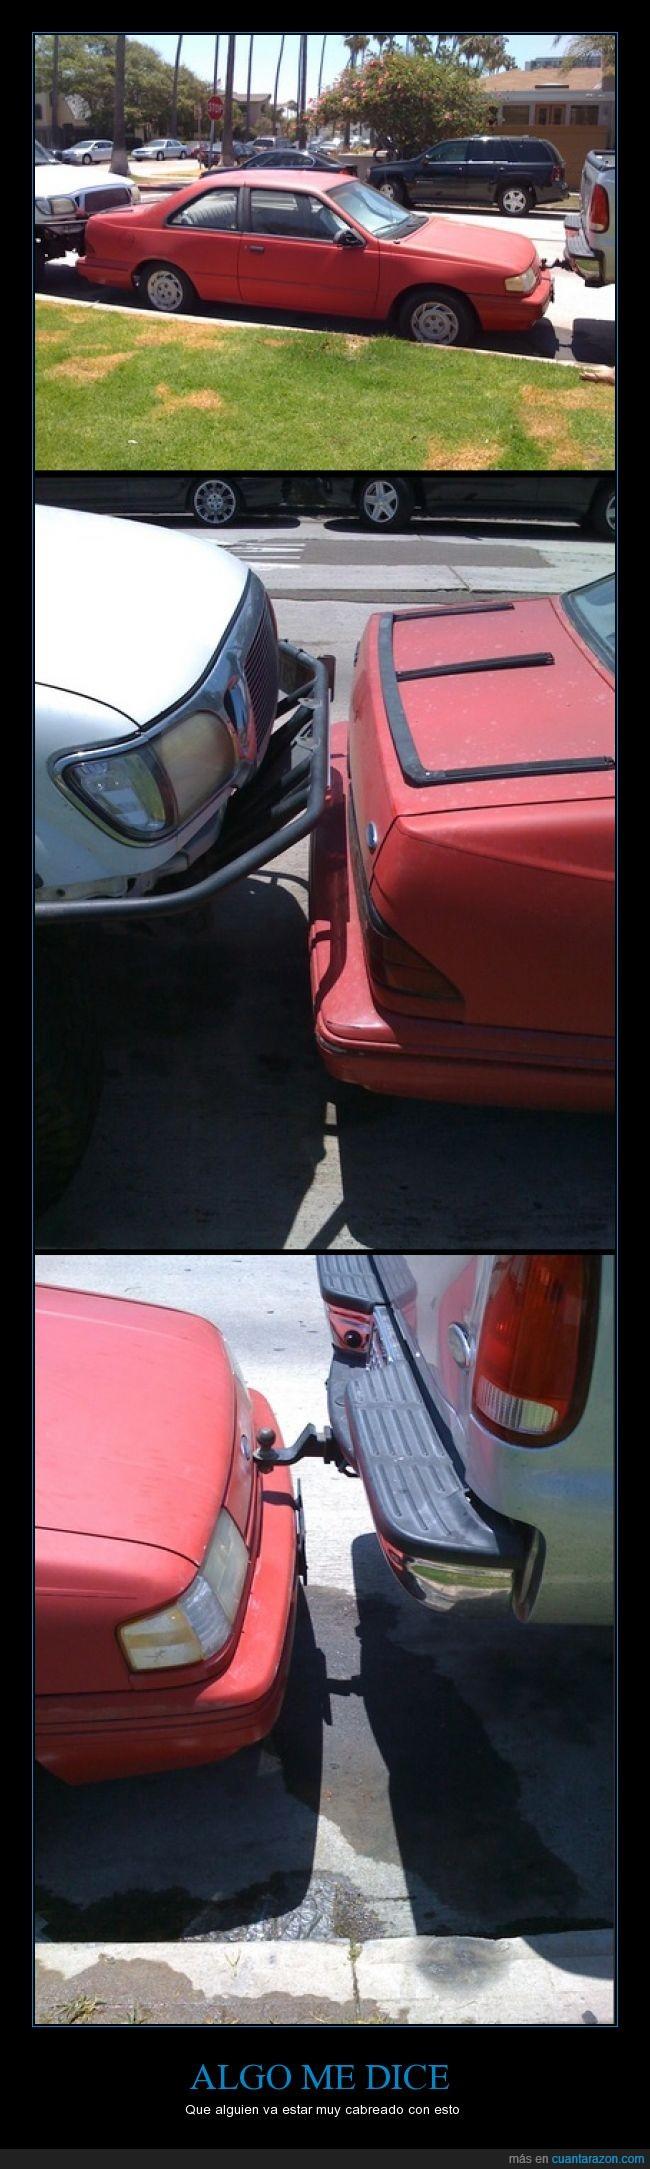 aparcao,auto,cabreado,delante,detras,encajado,encajar,espacio,imposible,justo,para choques,parqueo,rojo,sacar